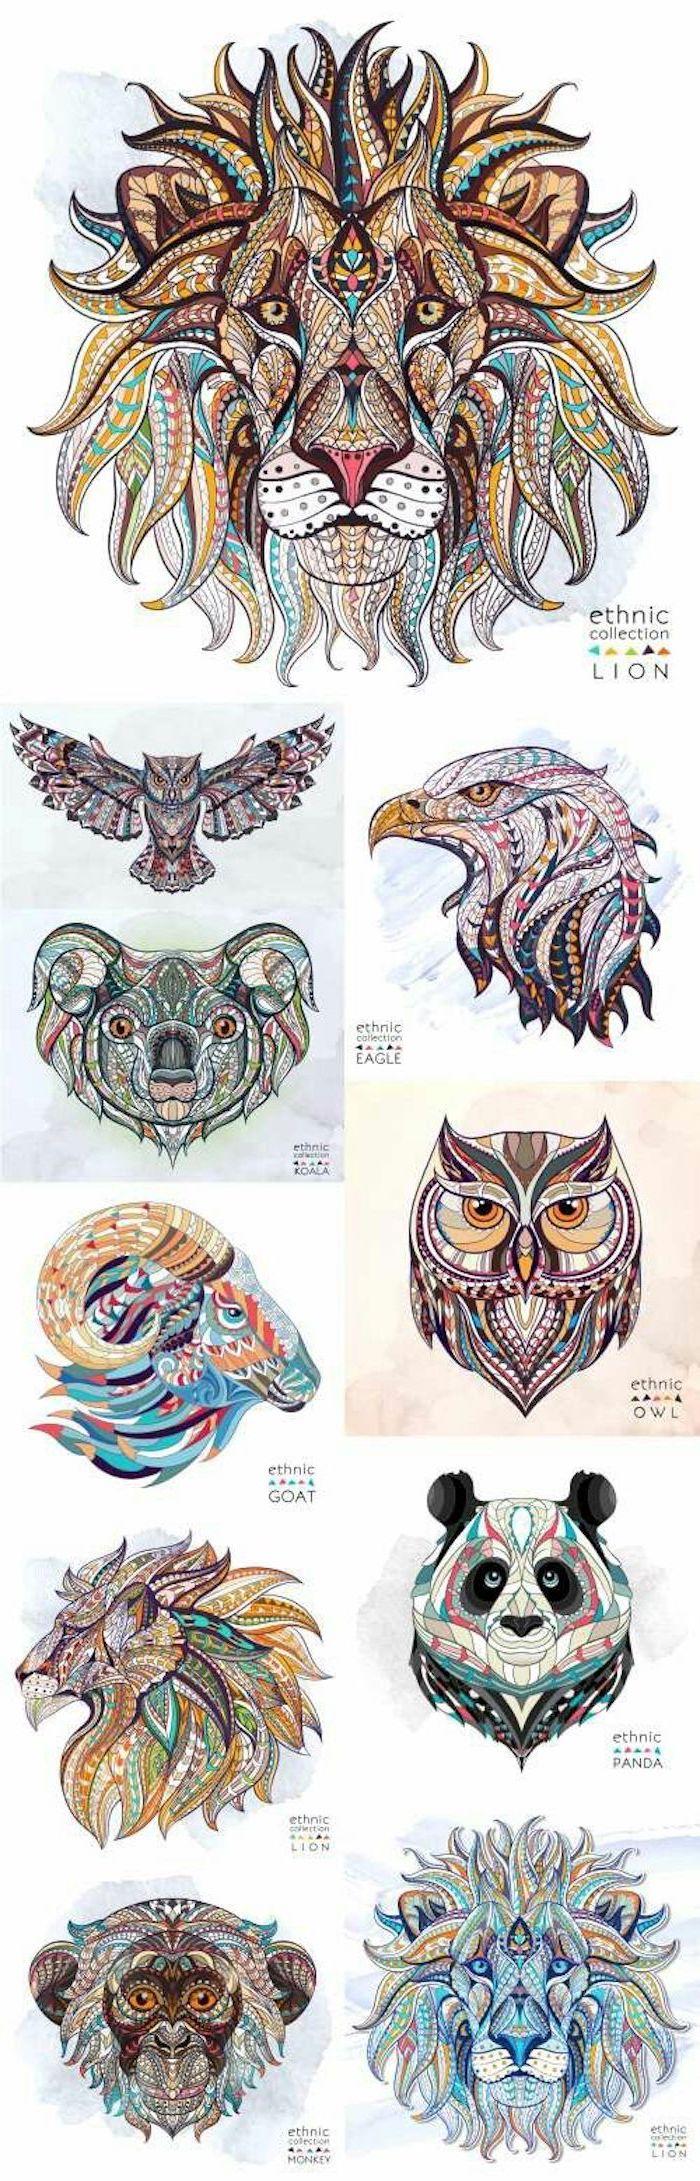 bunte Bilder: Löwe, Panda, Affe, Eule, Koala, Adler, Widder